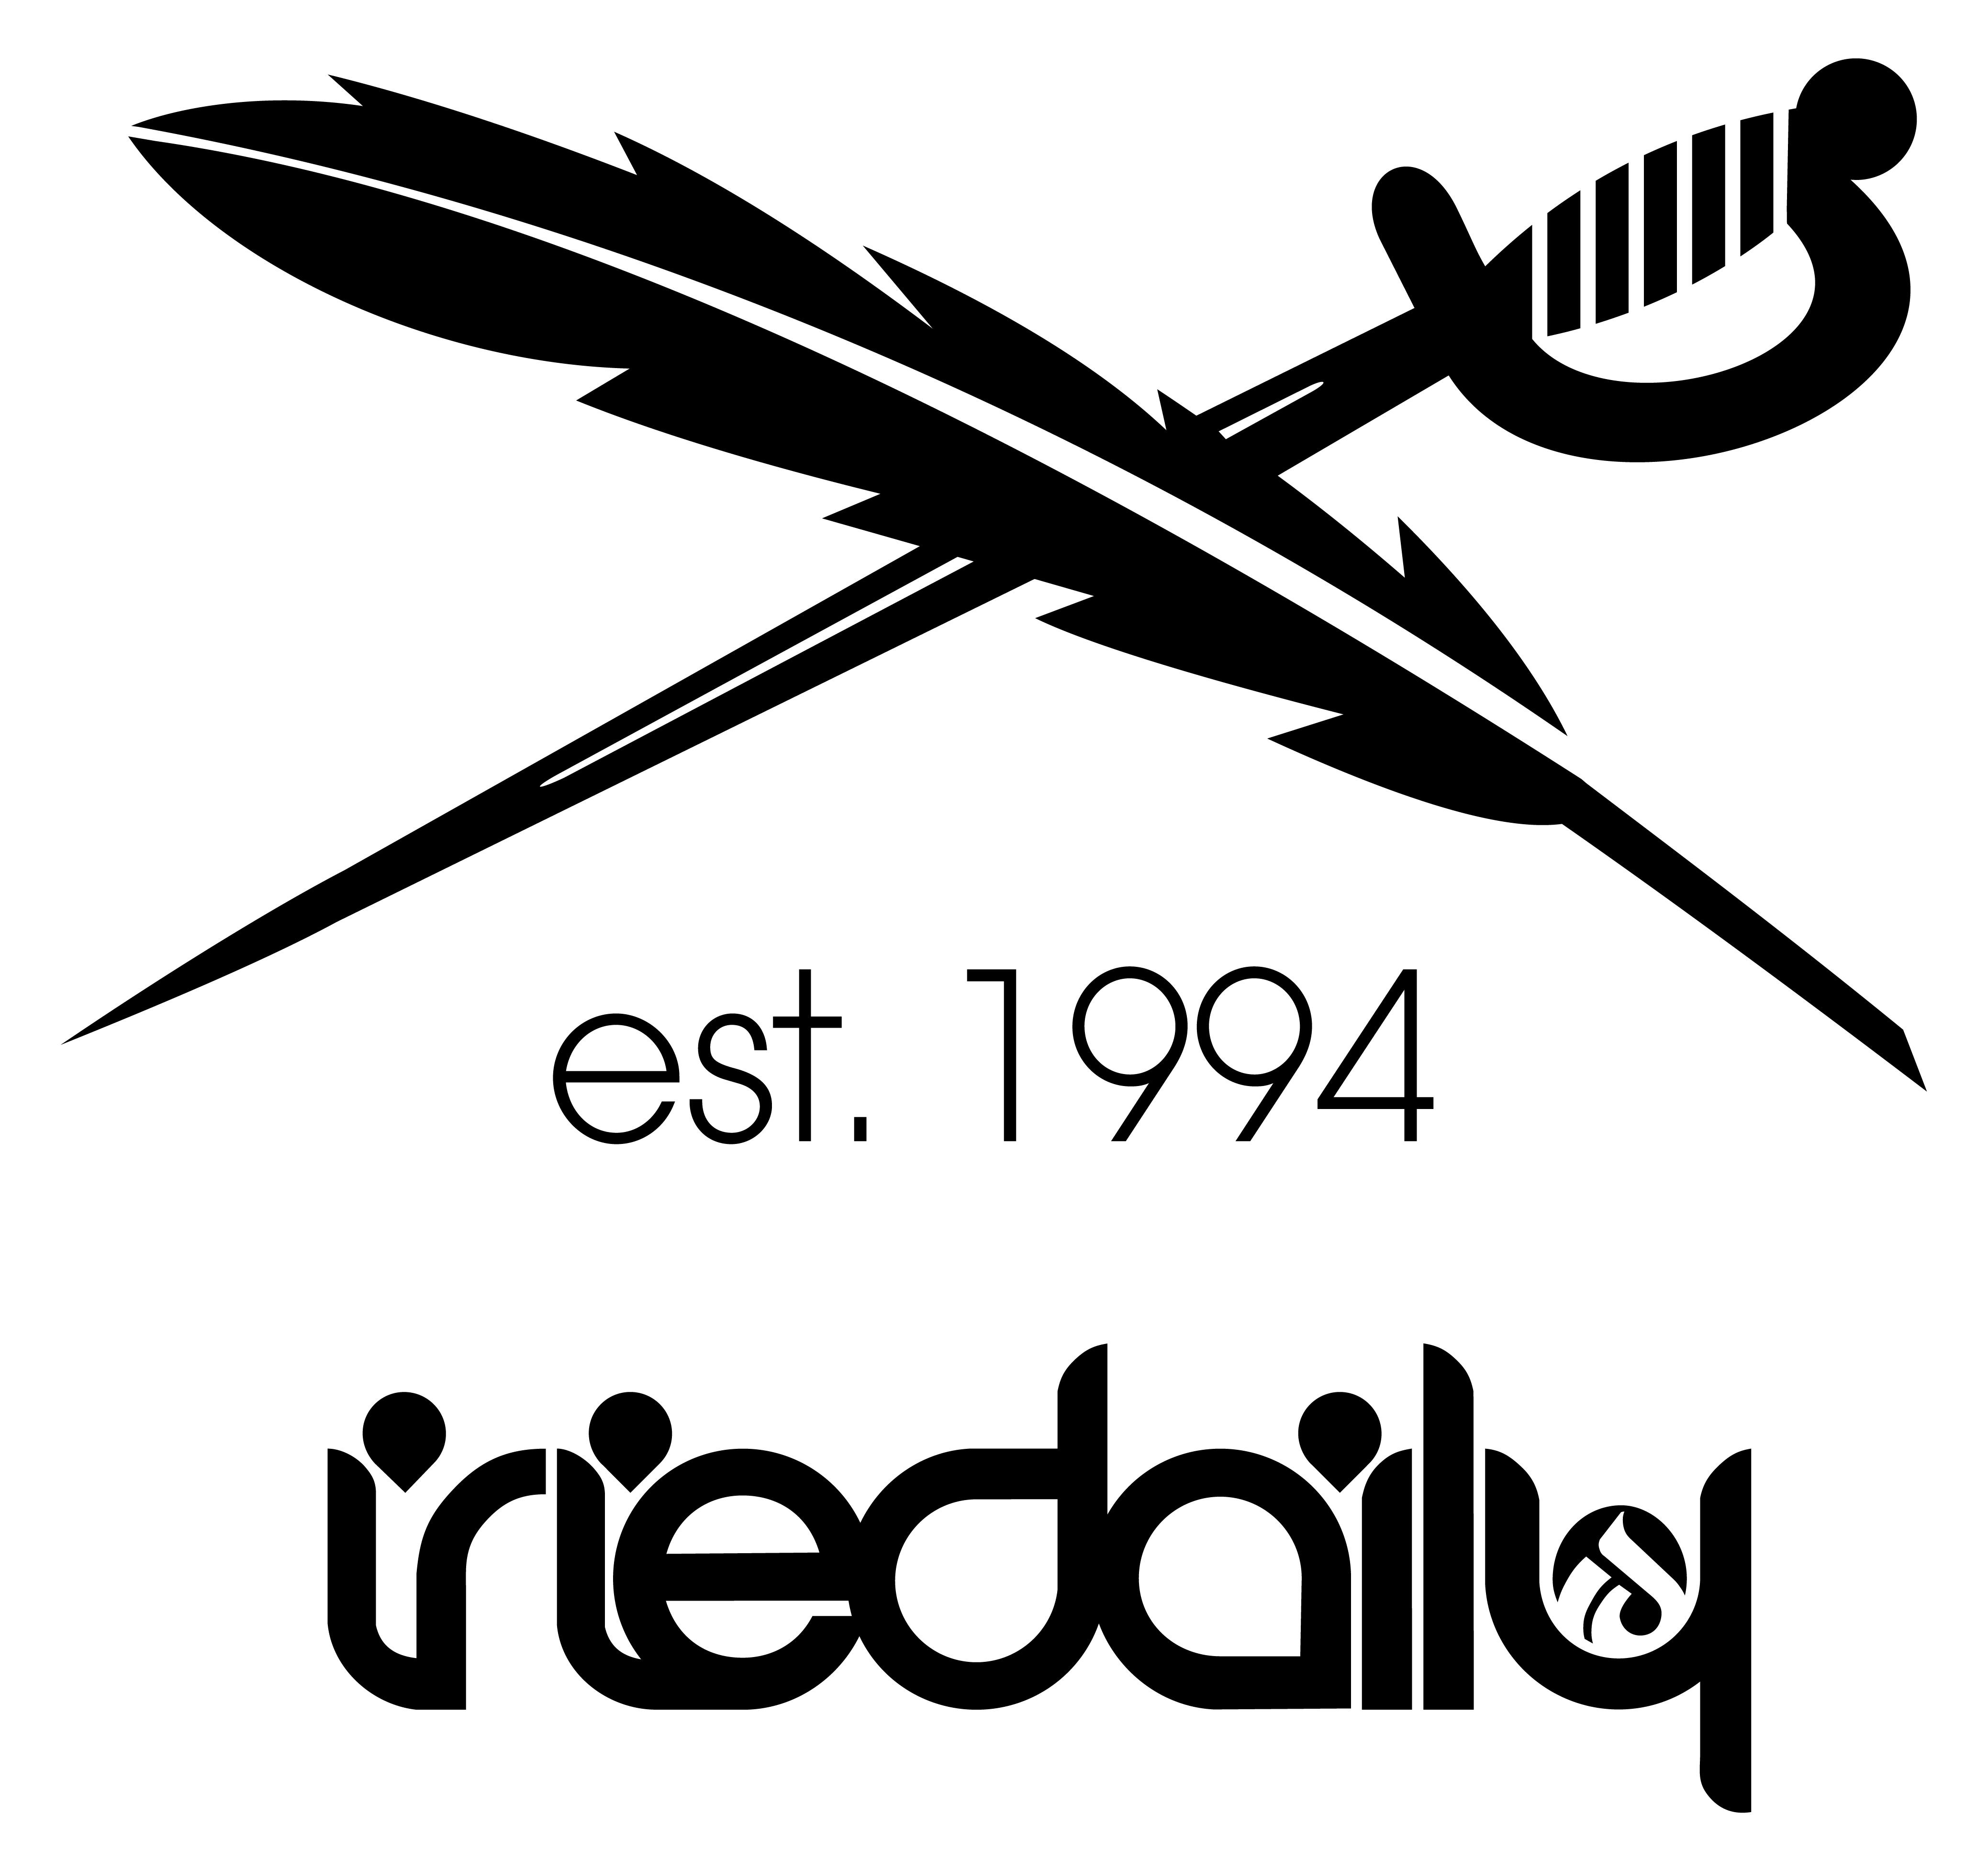 Iriedaily